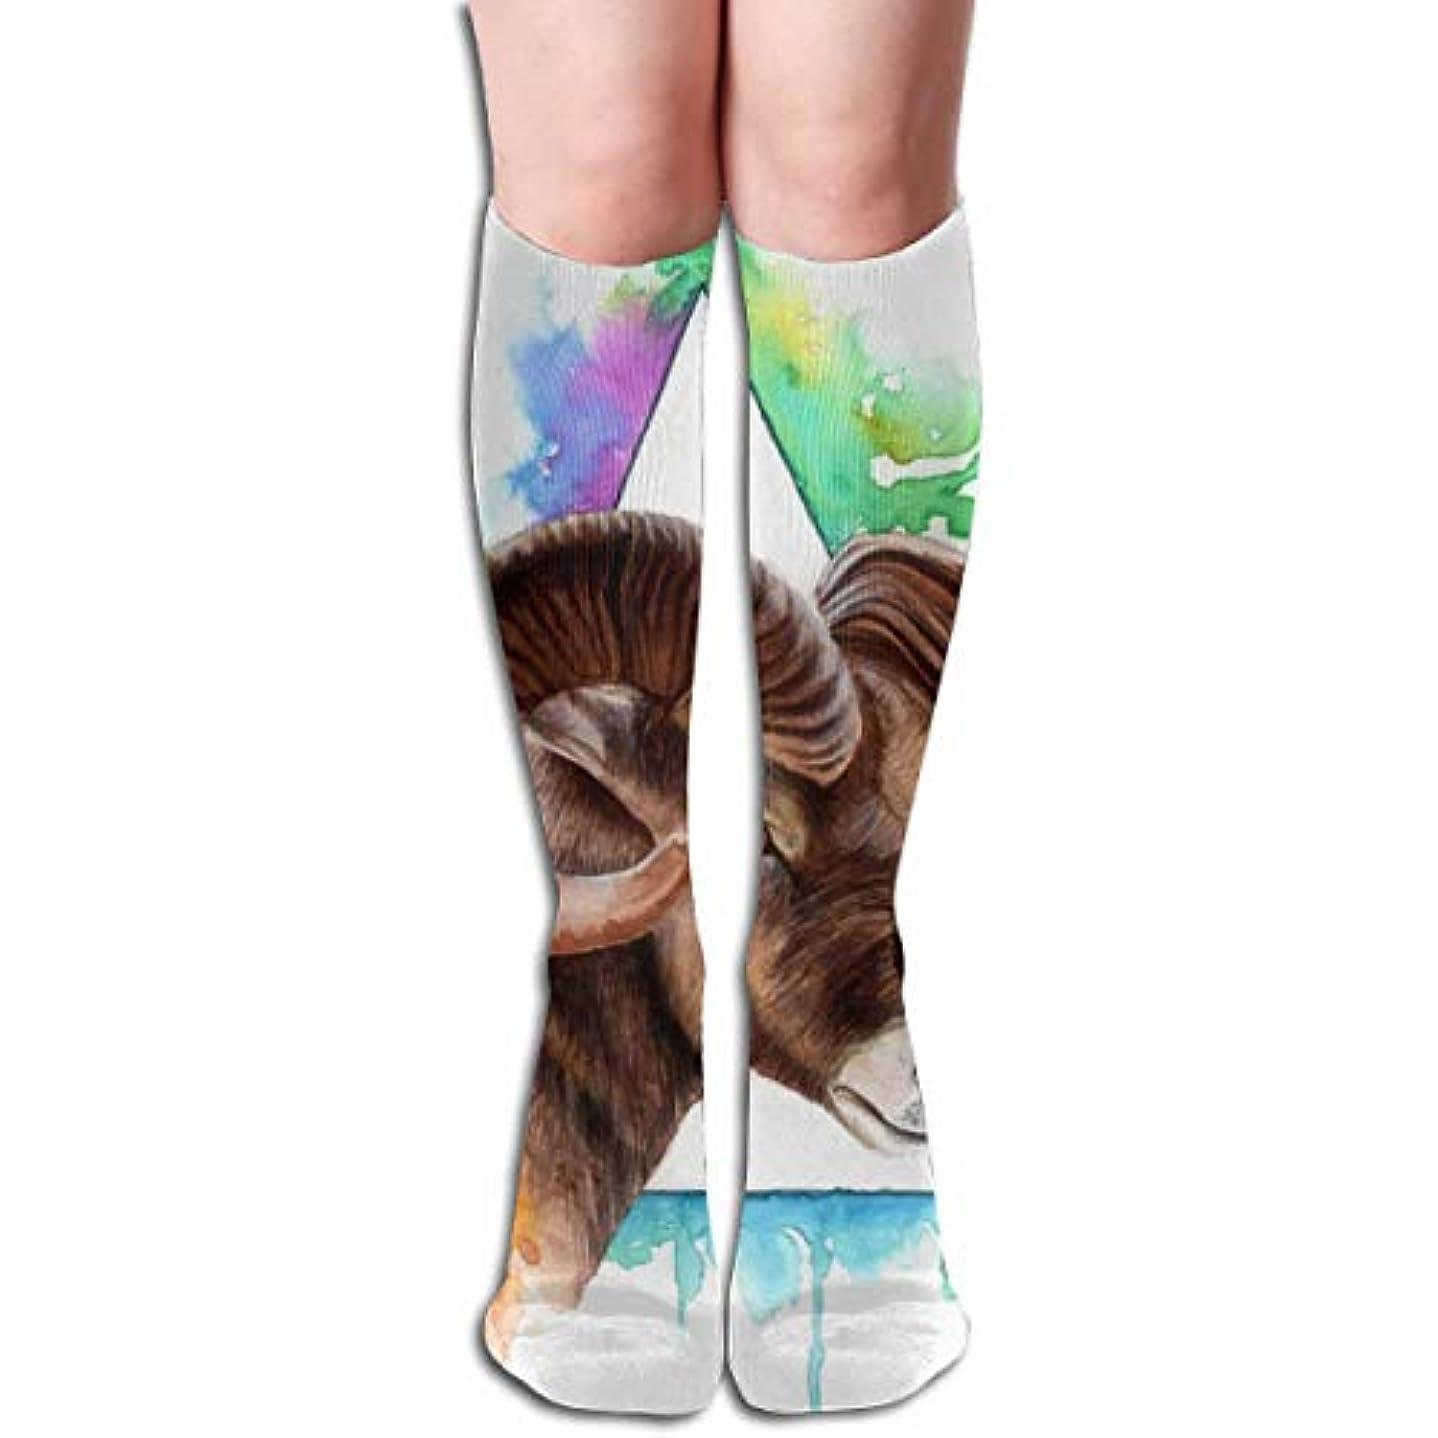 日付置換繰り返したBighorn Sheep Compression Socks Women&Men 15-20 mmHg Compression Stockings Best for Running、Medical、Travel